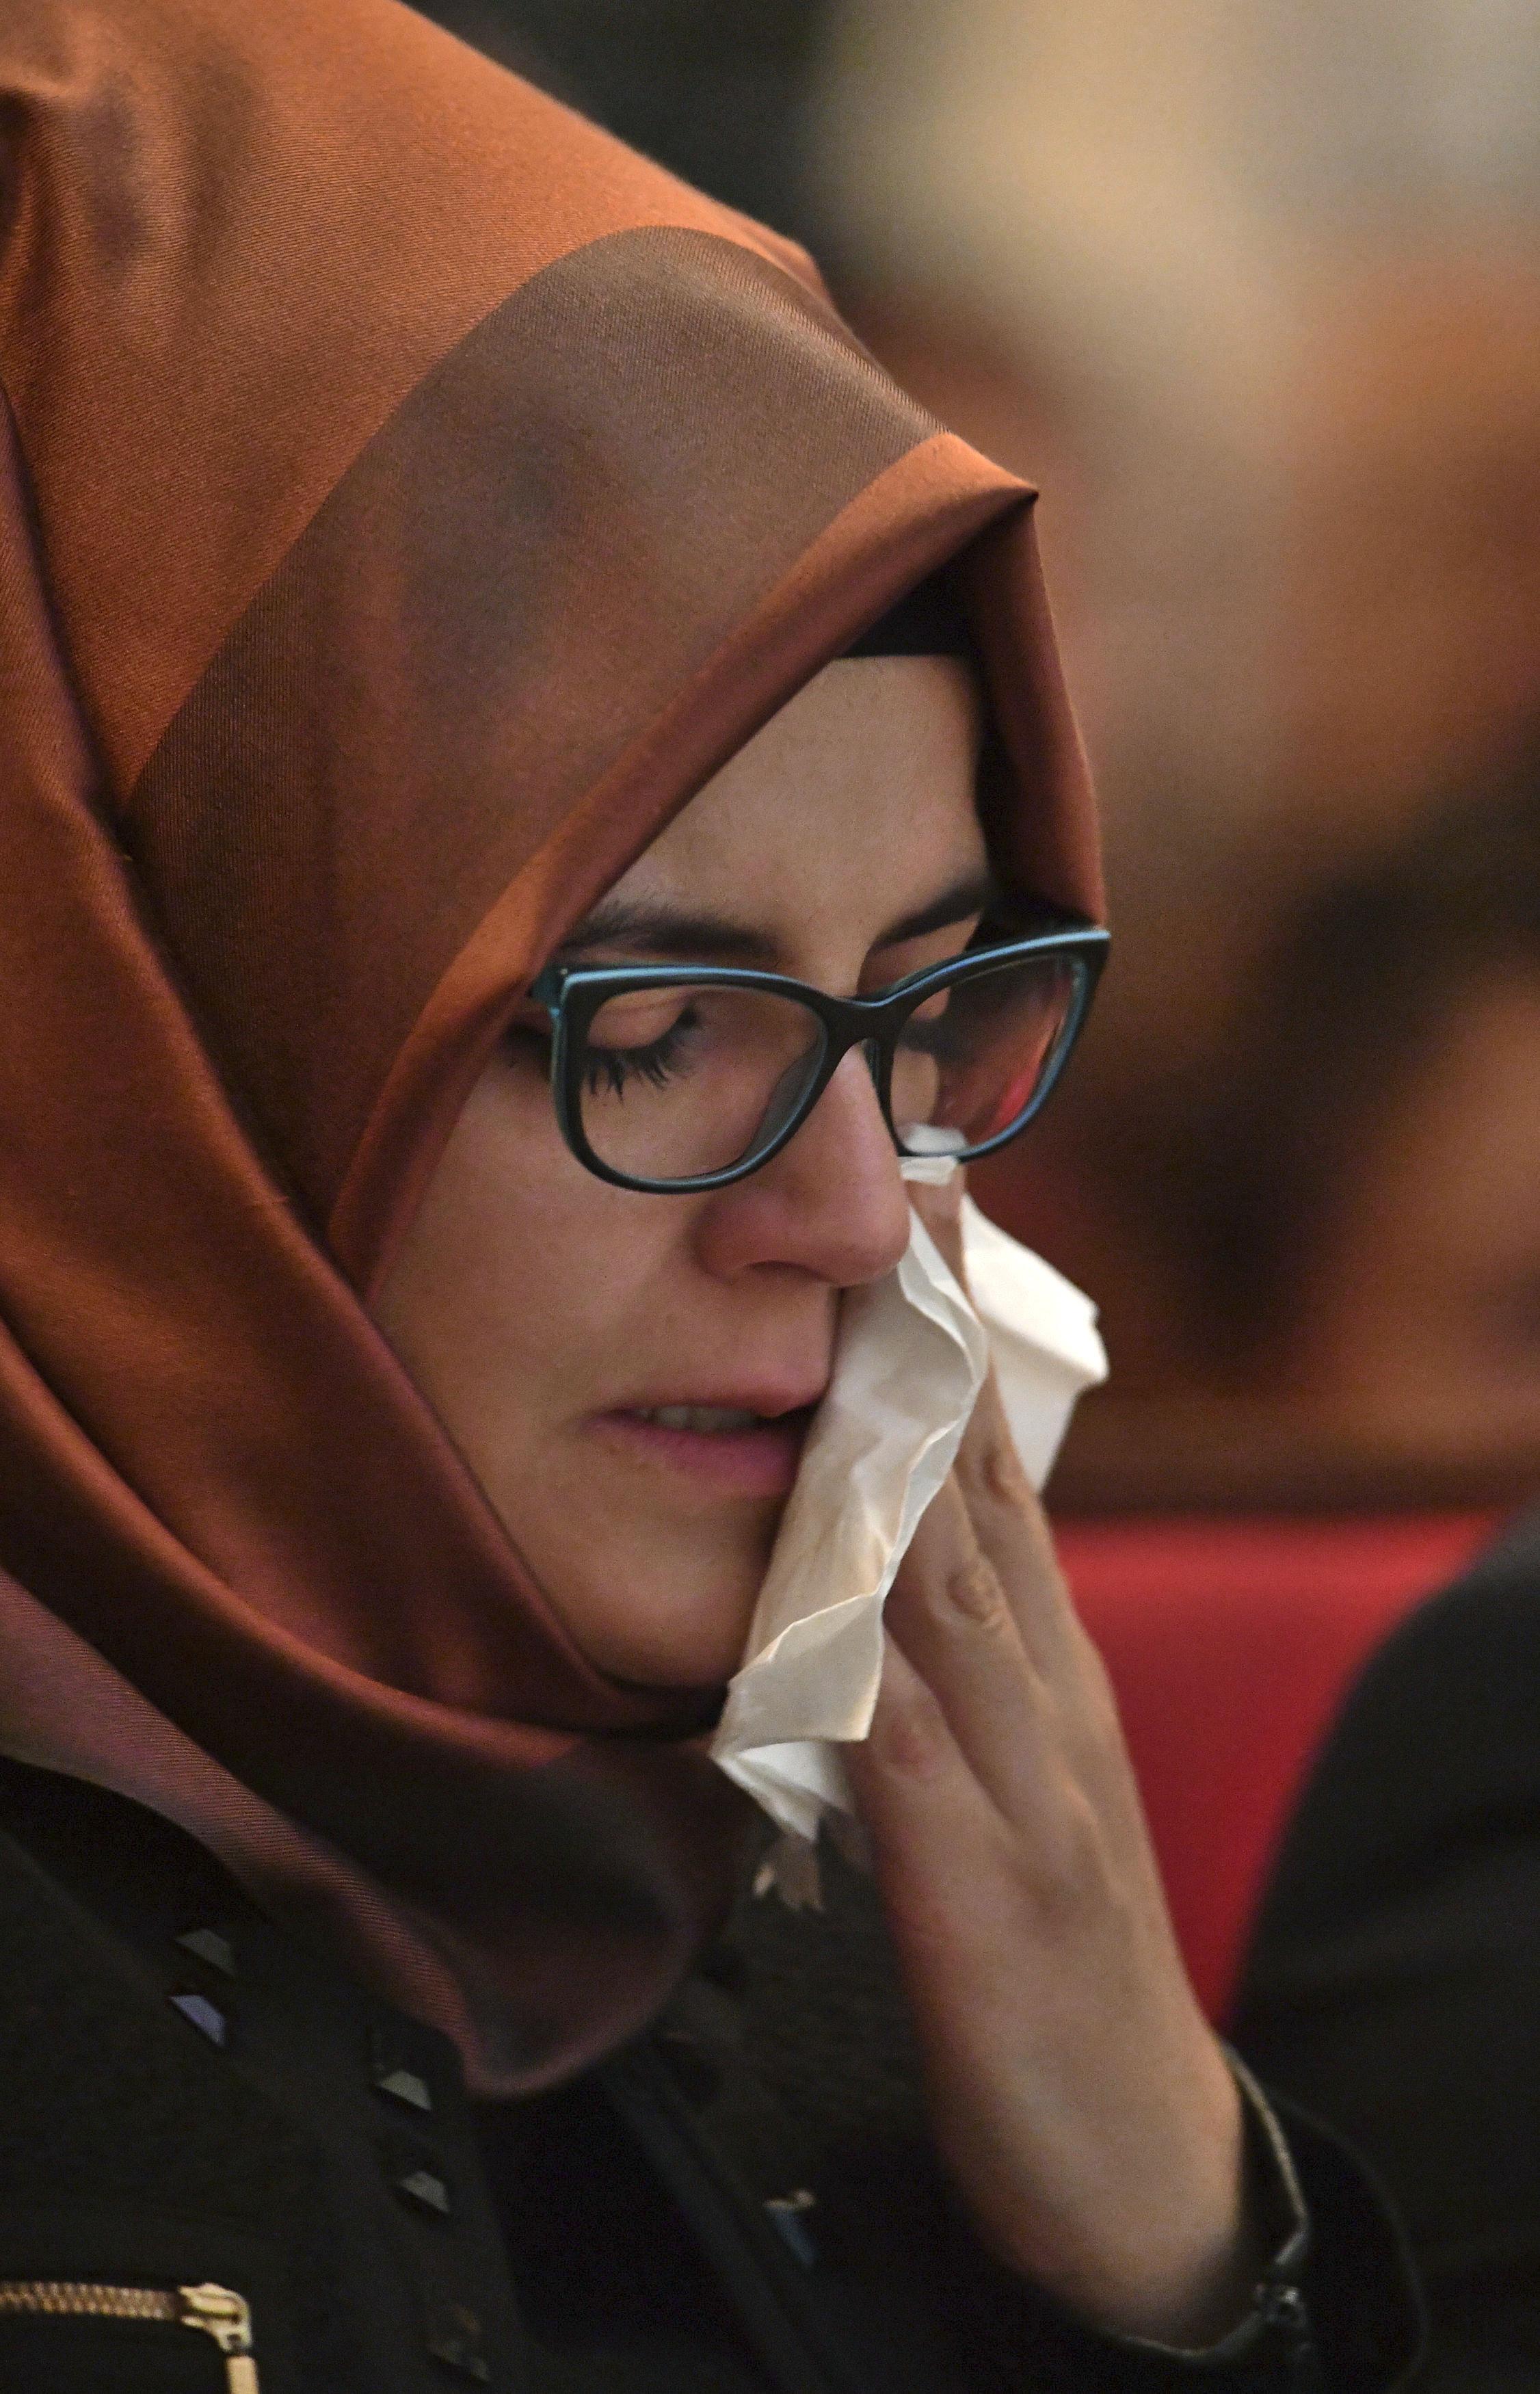 """La fiancée de Khashoggi lance un appel poignant pour son """"Jamal bien-aimé"""""""